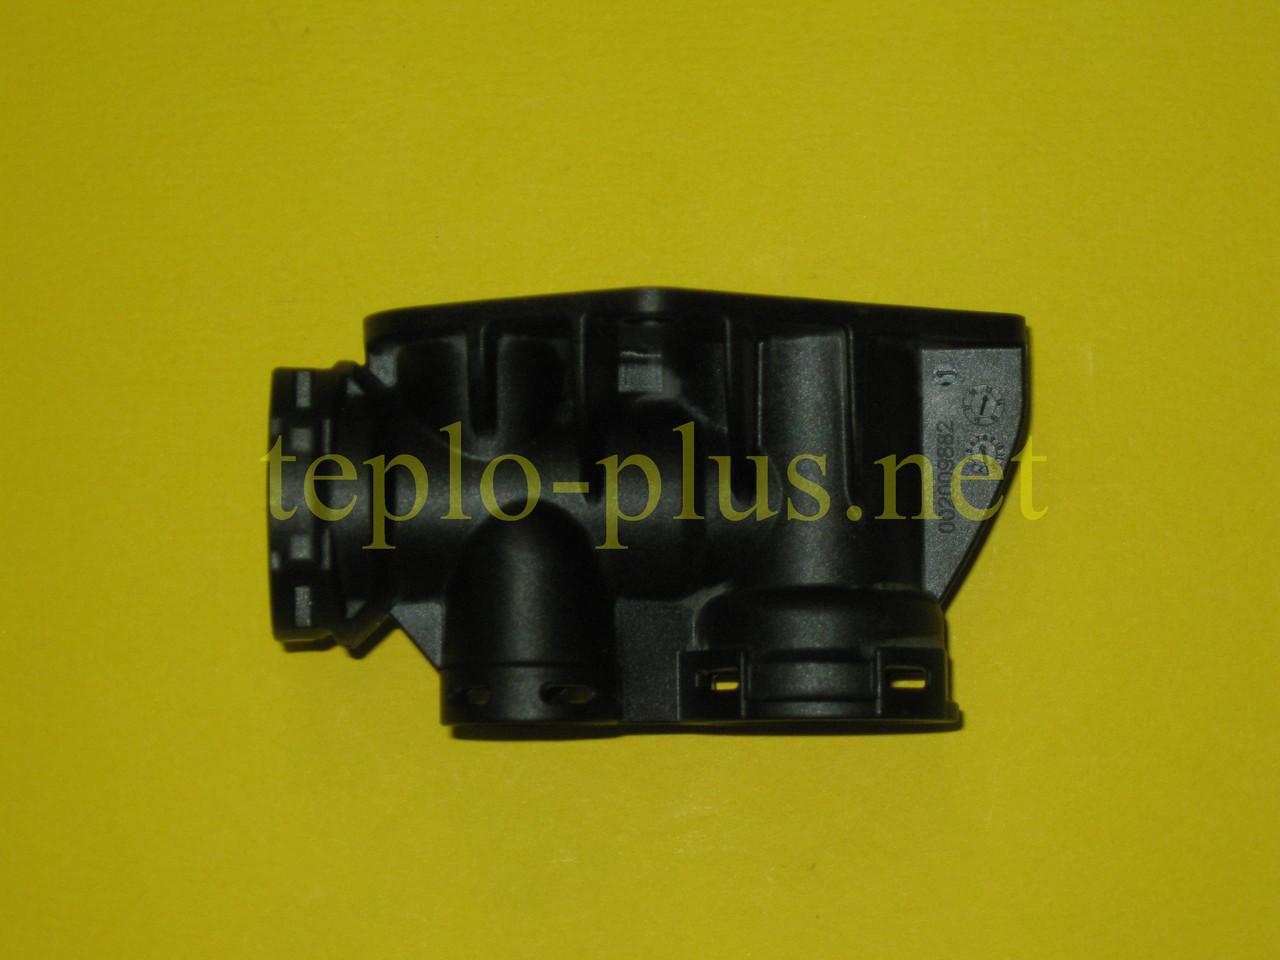 Соединительная деталь 179031 Vaillant atmoTEC Pro / Plus, turboTEC Pro / Plus, ecoTEC Pro / Plus